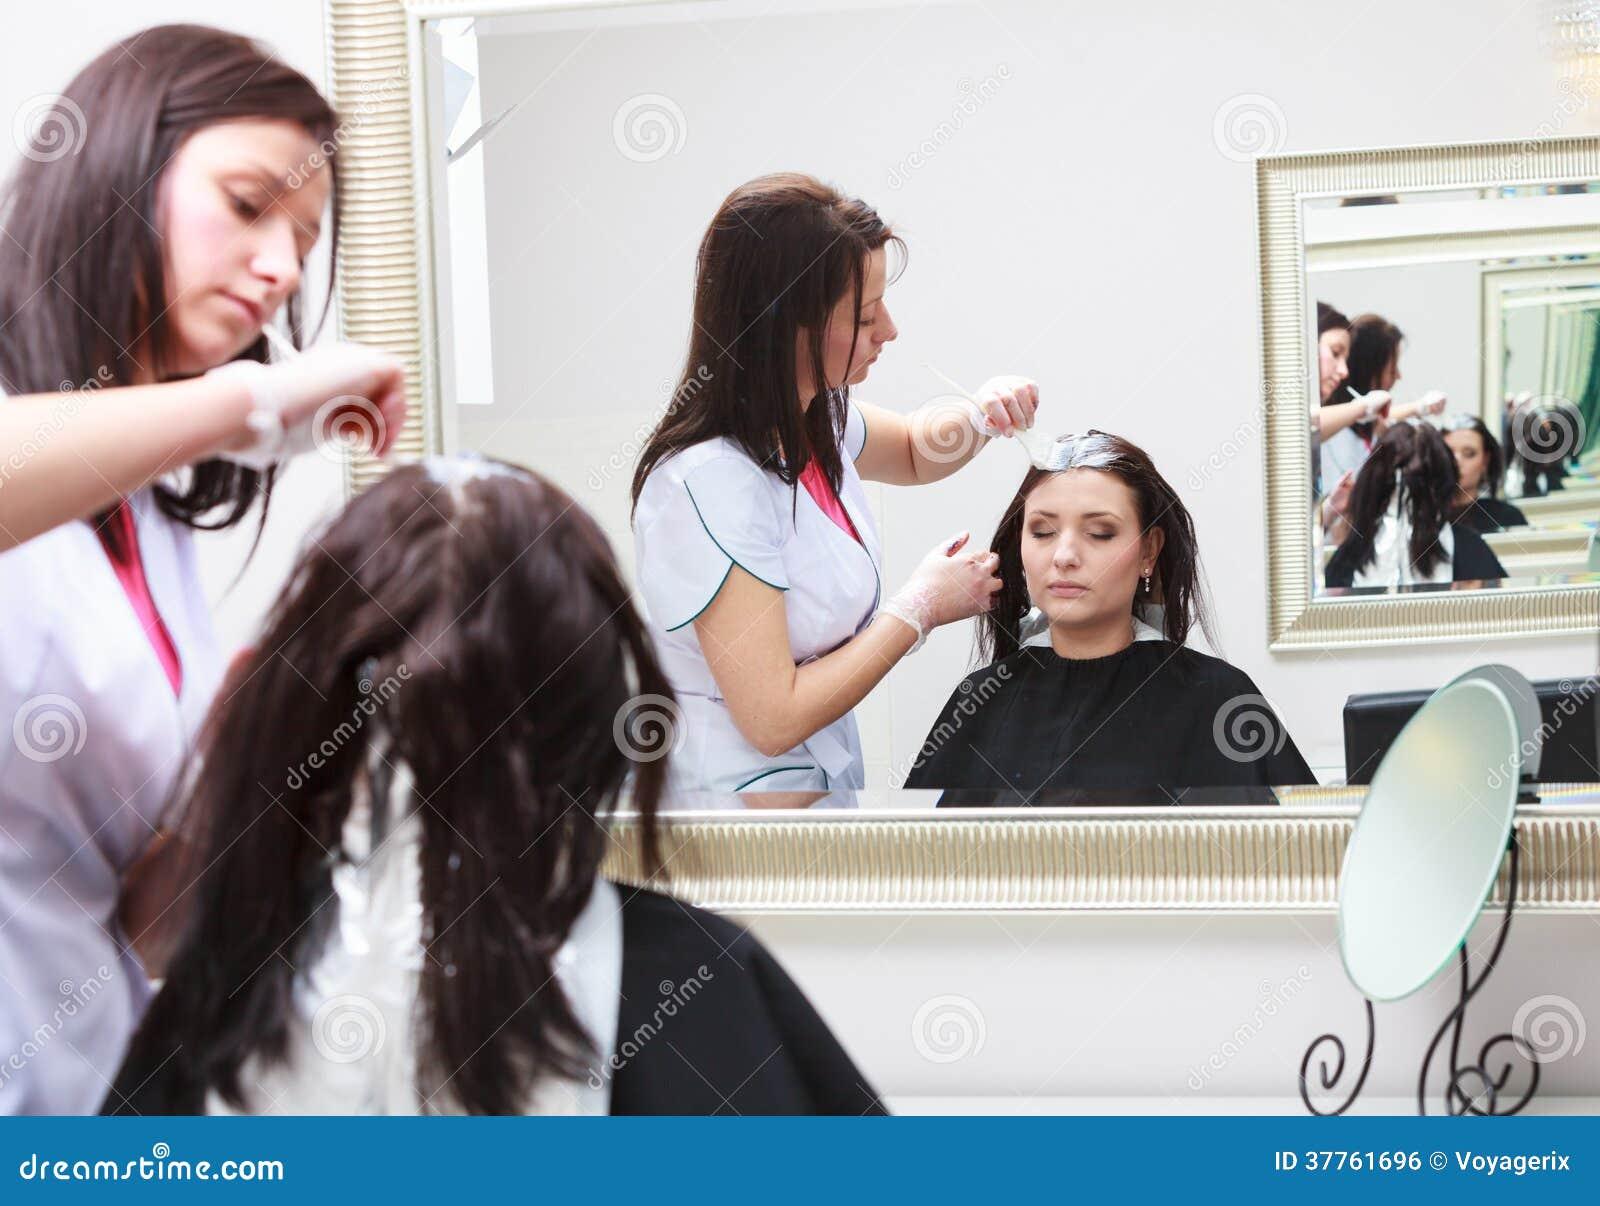 应用颜色女性顾客的美发师在沙龙,做染发剂图片